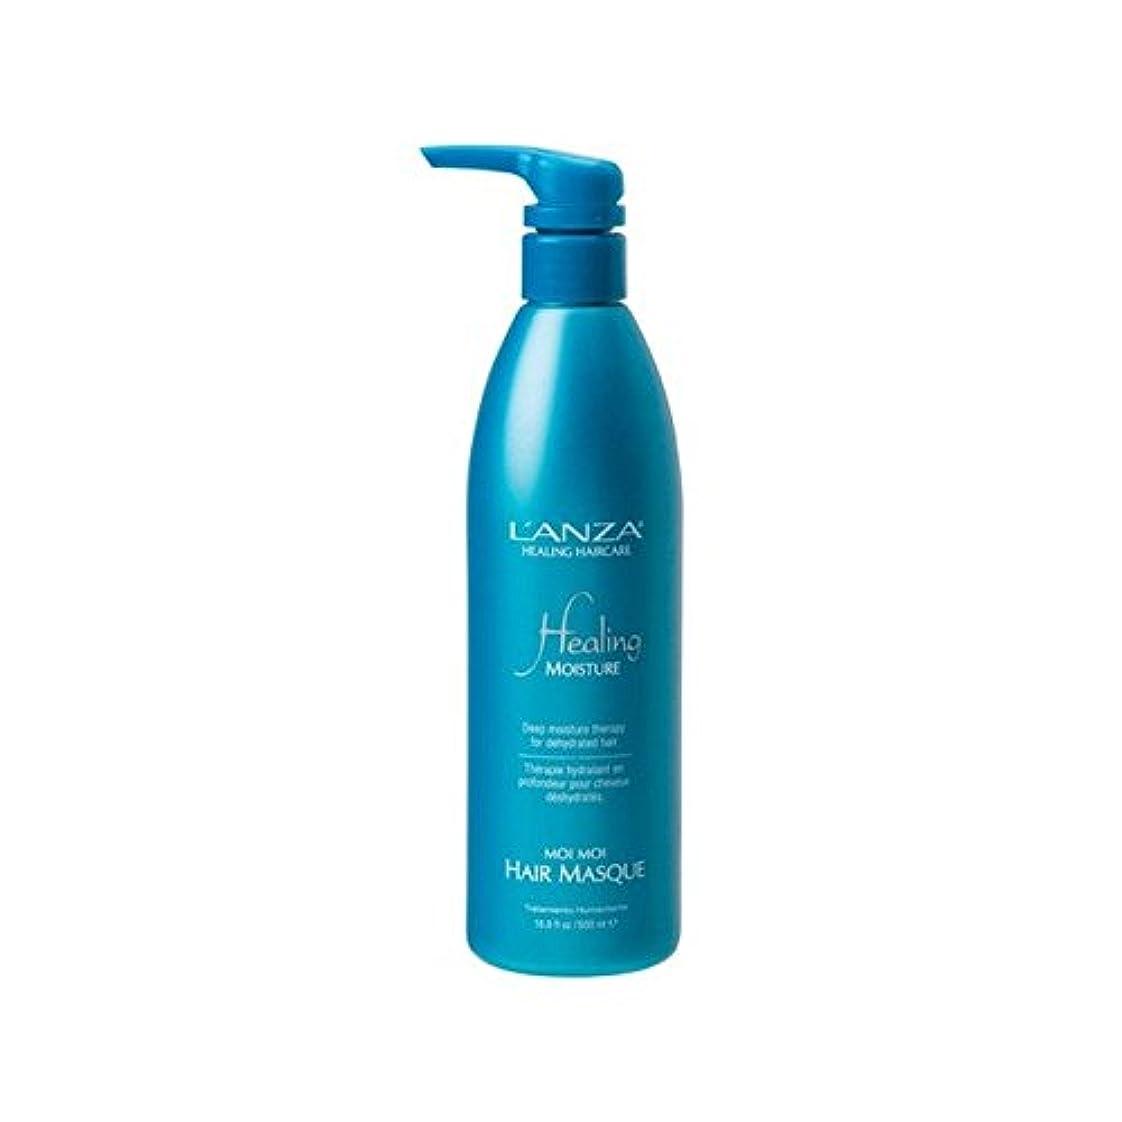 フィードバック混合した風変わりなアンザ癒しの水分モイモイヘア仮面劇(500ミリリットル) x2 - L'Anza Healing Moisture Moi Moi Hair Masque (500ml) (Pack of 2) [並行輸入品]